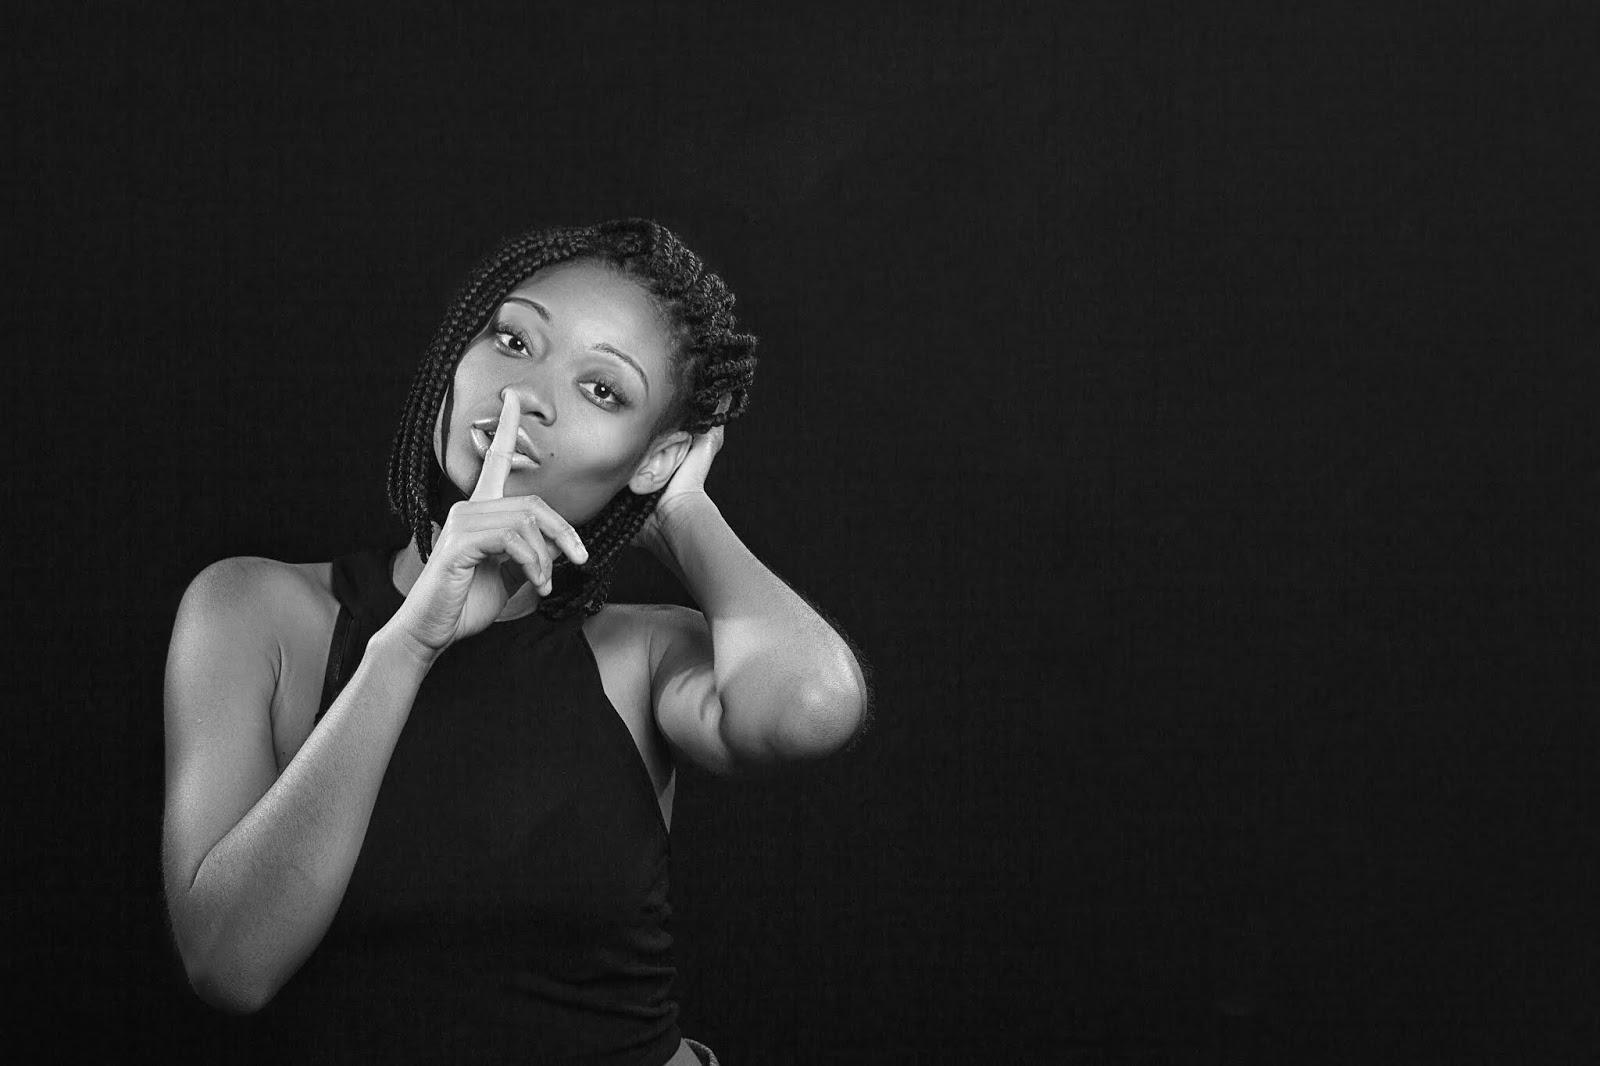 18+: Mai E. Chibwe: Basa Remati**ji